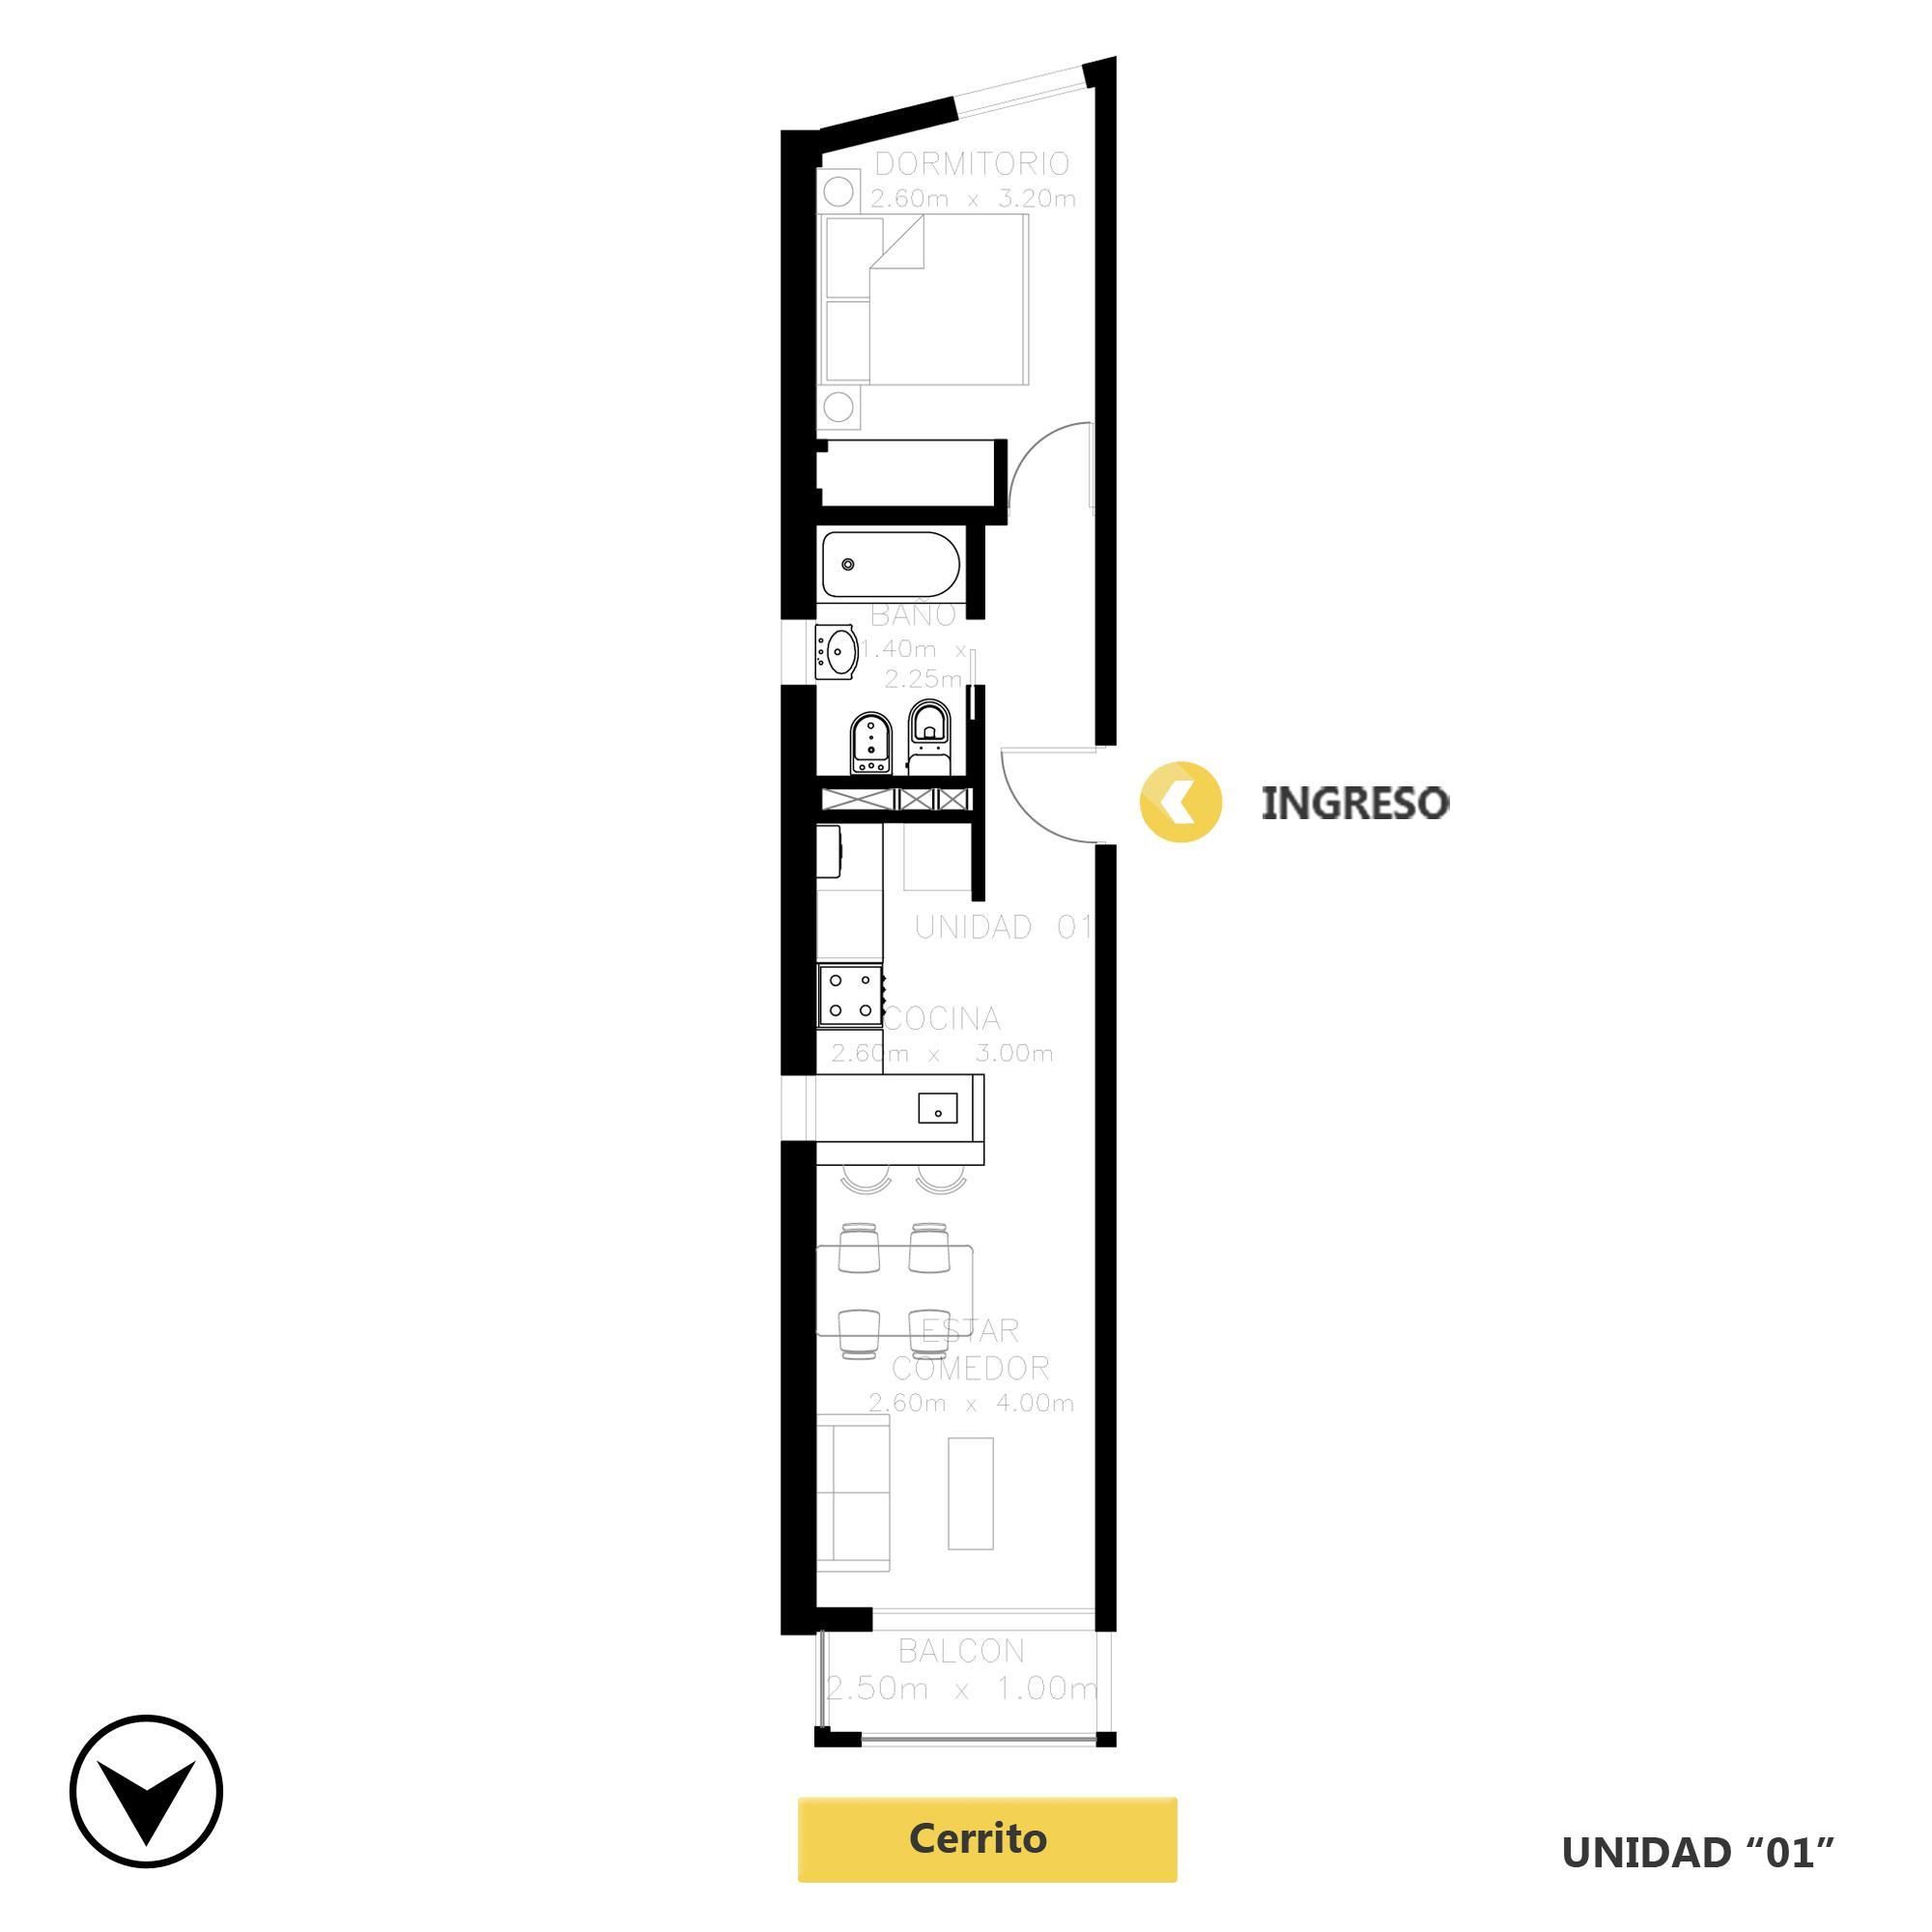 Venta departamento 1 dormitorio Rosario, Barrio La Siberia. Cod CBU20519 AP2018388. Crestale Propiedades